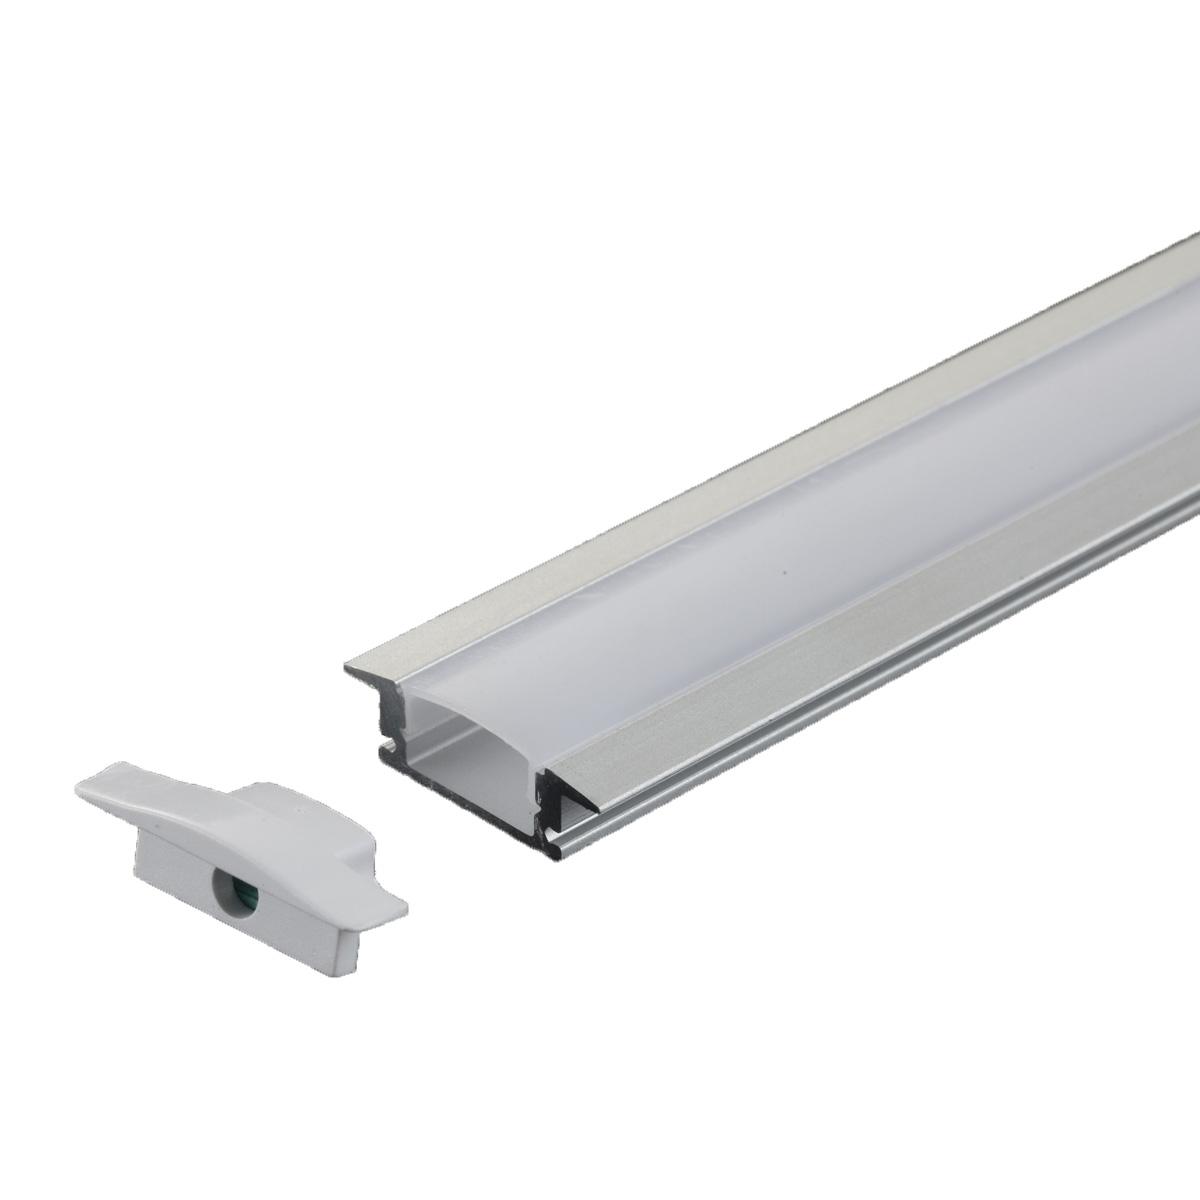 PERFIL 24.5X7MM EMBUTIR 1 METRO DIVERSAS CORES AL-630B - i9 LED